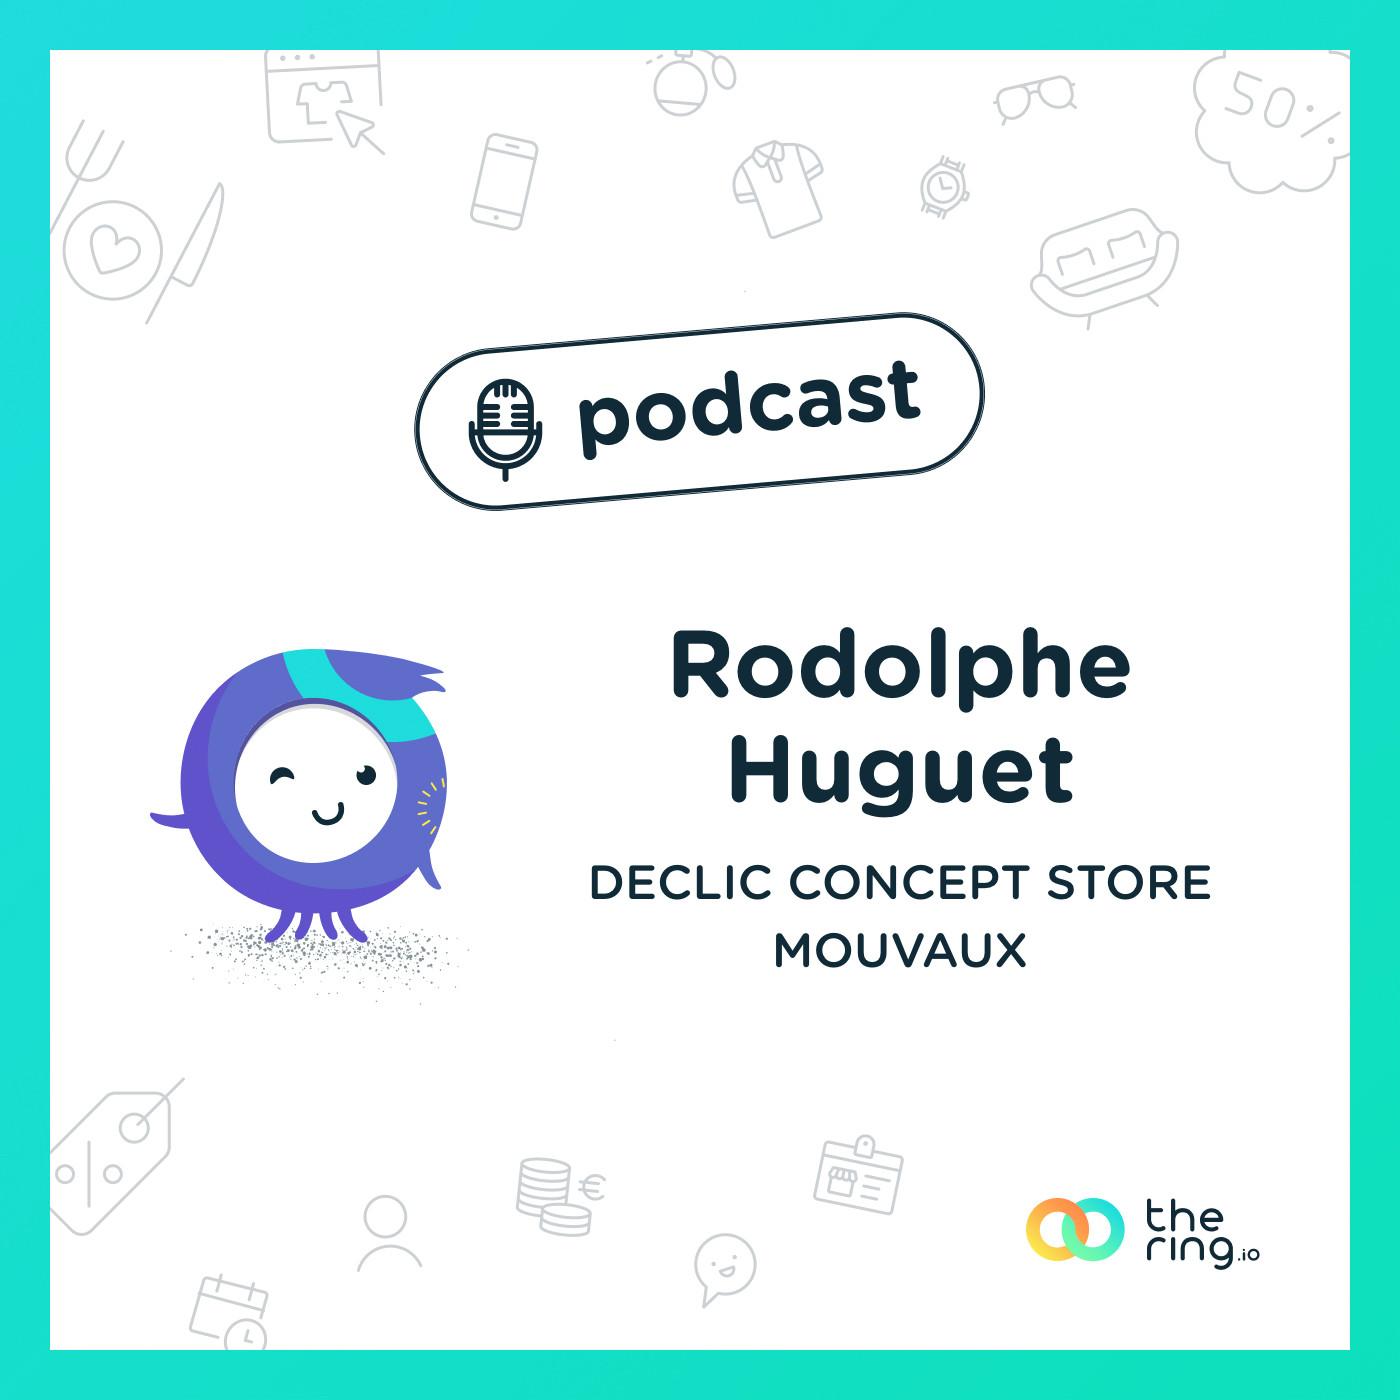 Rodolphe de Déclic Concept Store Mouvaux : Avoir son petit plus